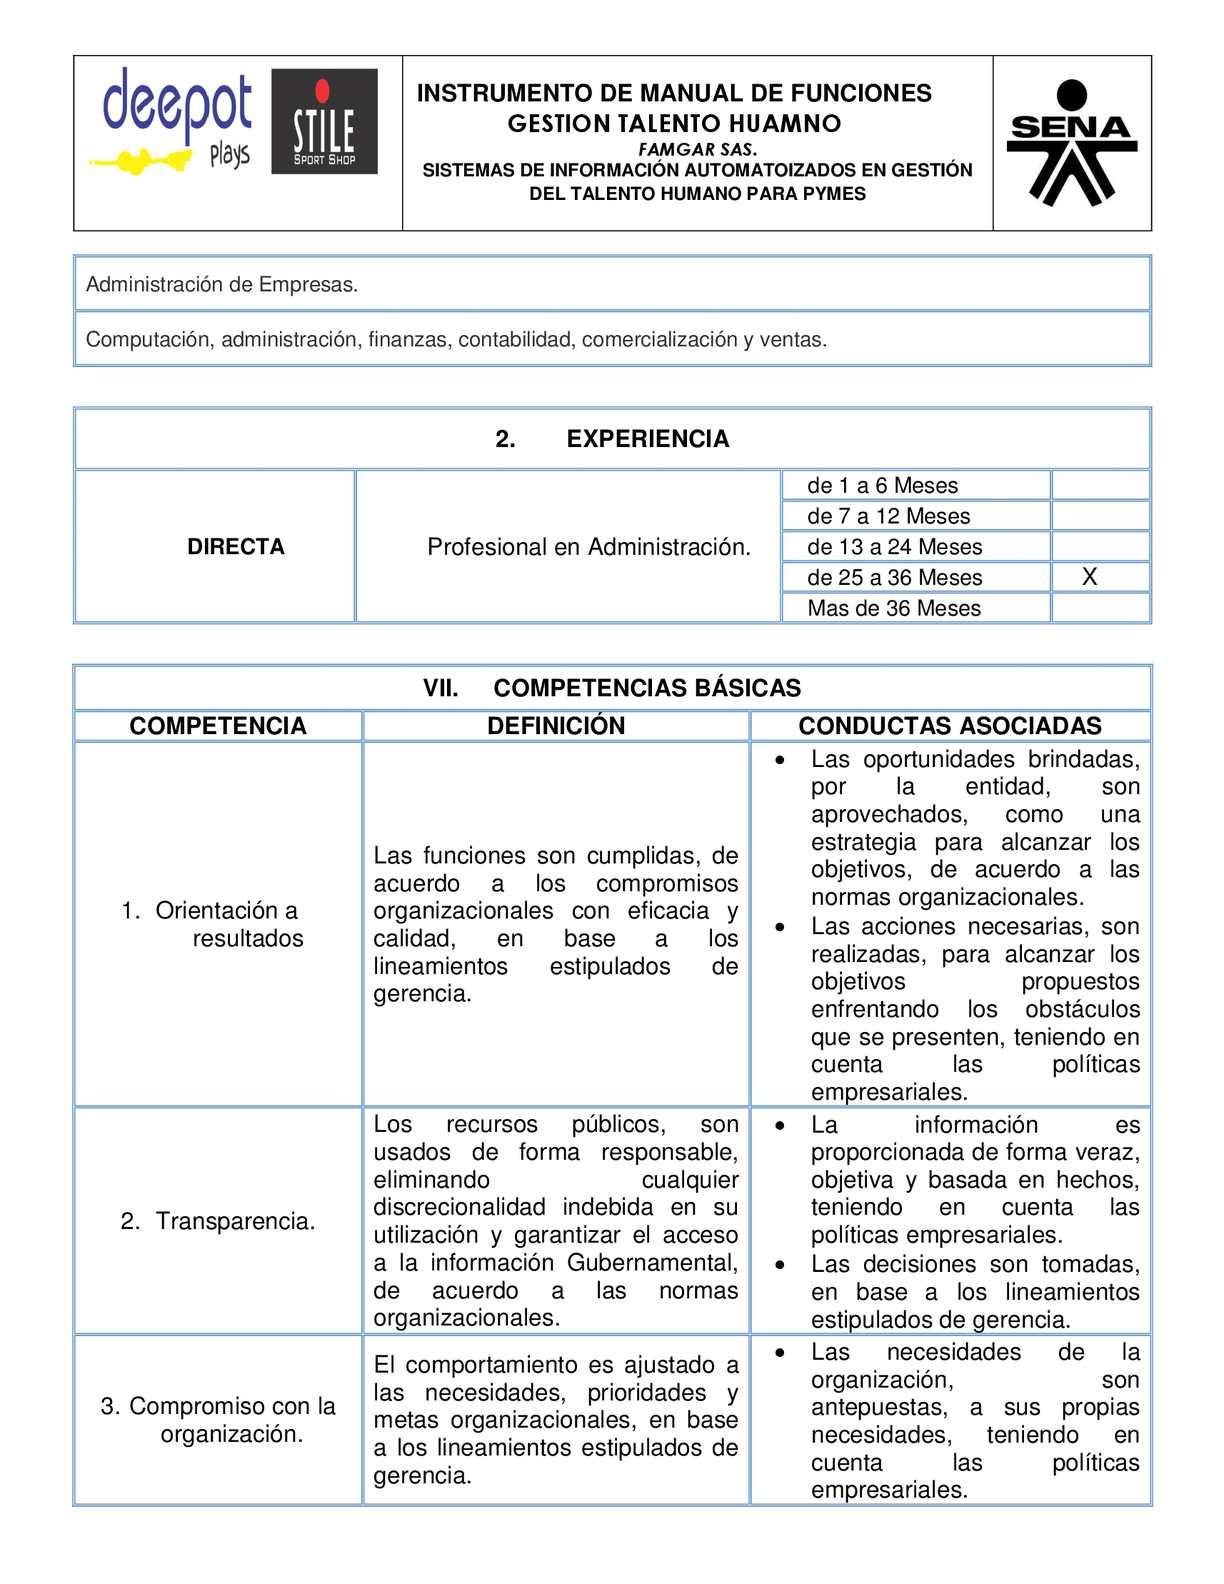 Manual específico de funciones y competencias laborales gerencia.